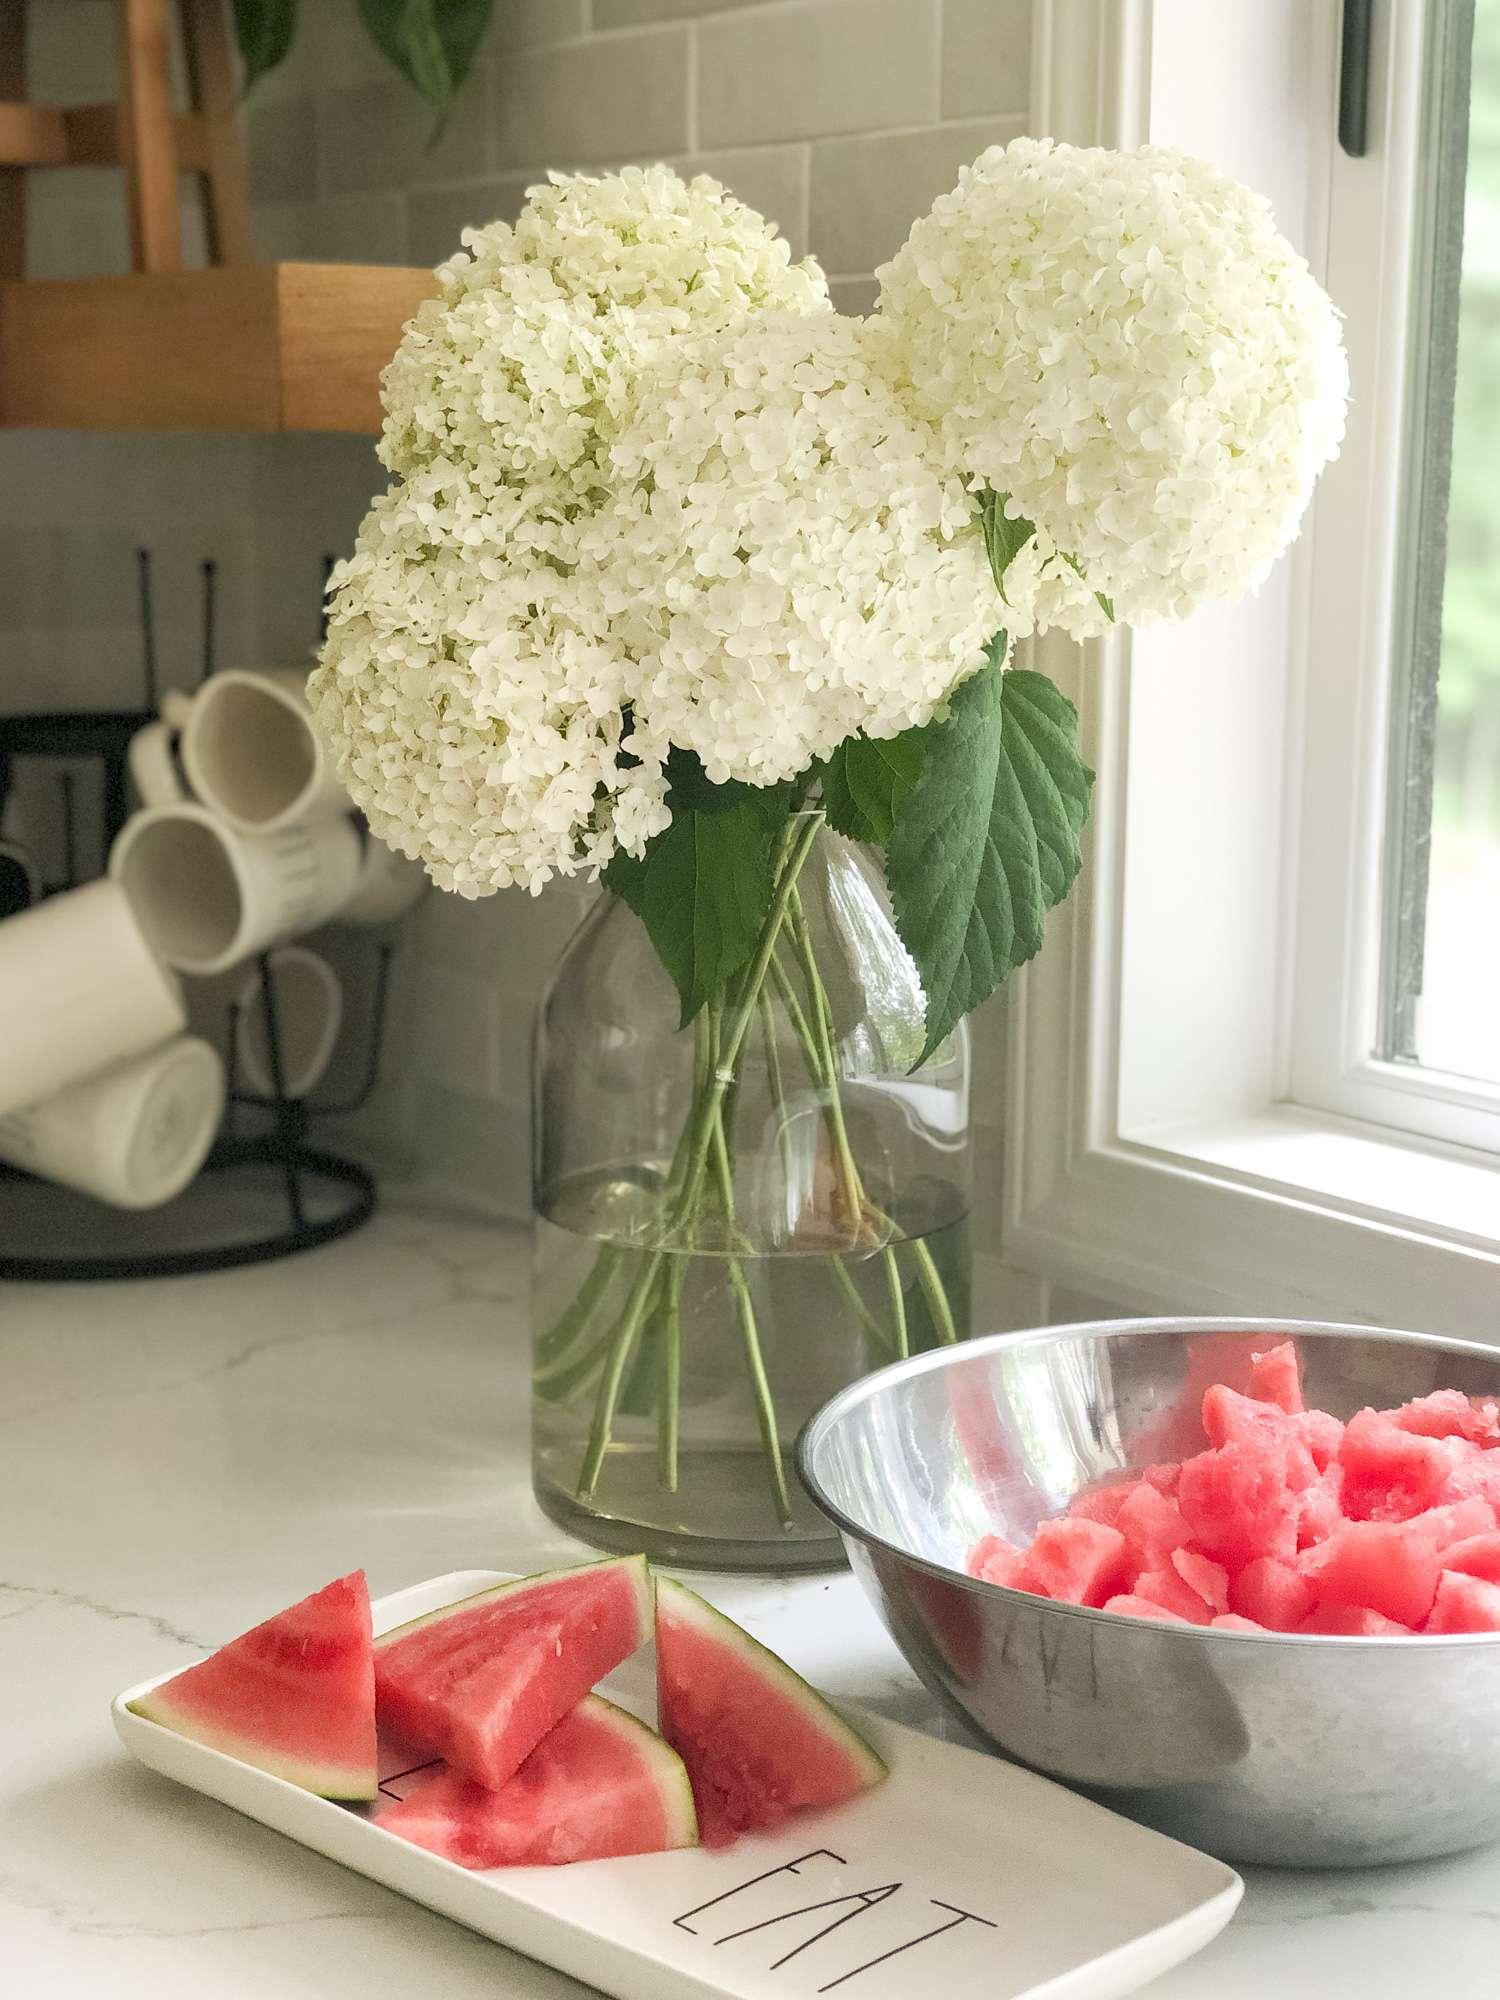 """Aimez-vous la pastèque? Ce fruit rafraîchissant est un ajout facile à une fête d'été. Découvrez la meilleure façon de couper la pastèque et 7 idées de recettes de pastèques. """"Class ="""" wp-image-6752 """"srcset ="""" https://graceinmyspace.com/wp-content/uploads/2019/07/How-to-Cut- Watermelon-www.graceinmyspace.com_.jpg 1500w, https://graceinmyspace.com/wp-content/uploads/2019/07/How-to-Cut-Watermelon-www.graceinmyspace.com_-225x300.jpg 225w, https: //graceinmyspace.com/wp-content/uploads/2019/07/How-tom-Cut-Watermelon-www.graceinmyspace.com_-768x1024.jpg 768w, https://graceinmyspace.com/wp-content/uploads/2019 /07/How-to-Cut-Watermelon-www.graceinmyspace.com_-735x980.jpg 735w """"tailles ="""" (largeur maximale: 1500px) 100vw, 1500px """"data-jpibfi-post-excerpt ="""" Aimez-vous la pastèque? Ce fruit rafraîchissant est un ajout facile à une fête d'été. Découvrez la meilleure façon de couper la pastèque et 7 idées de recettes de pastèques. """"Data-jpibfi-post-url ="""" https://graceinmyspace.com/watermelon-recipe-ideas-easiest-way-tocut-watermelon/ """"data- jpibfi-post-title = """"Idées de recettes de pastèque + Le moyen le plus simple de couper une pastèque"""" data-jpibfi-src = """"https://graceinmyspace.com/wp-content/uploads/2019/07/How-to-Cut-Watermelon- www.graceinmyspace.com_.jpg """"/></figure> </div> <h3>Pastèque en boule</h3> <p>Si vous voulez créer un look un peu plus chic pour servir votre melon d'eau, essayez un pichet à glace! Cela créera de plus grosses boules de pastèque. Remarque: elles ne seront pas aussi jolies qu'une ballerine de melon d'eau pourrait créer. Cependant, pour ceux d'entre nous qui ne veulent pas ajouter des outils plus rarement utilisés à notre cuisine, une cuillère à crème glacée fait le tour!</p> <div class="""